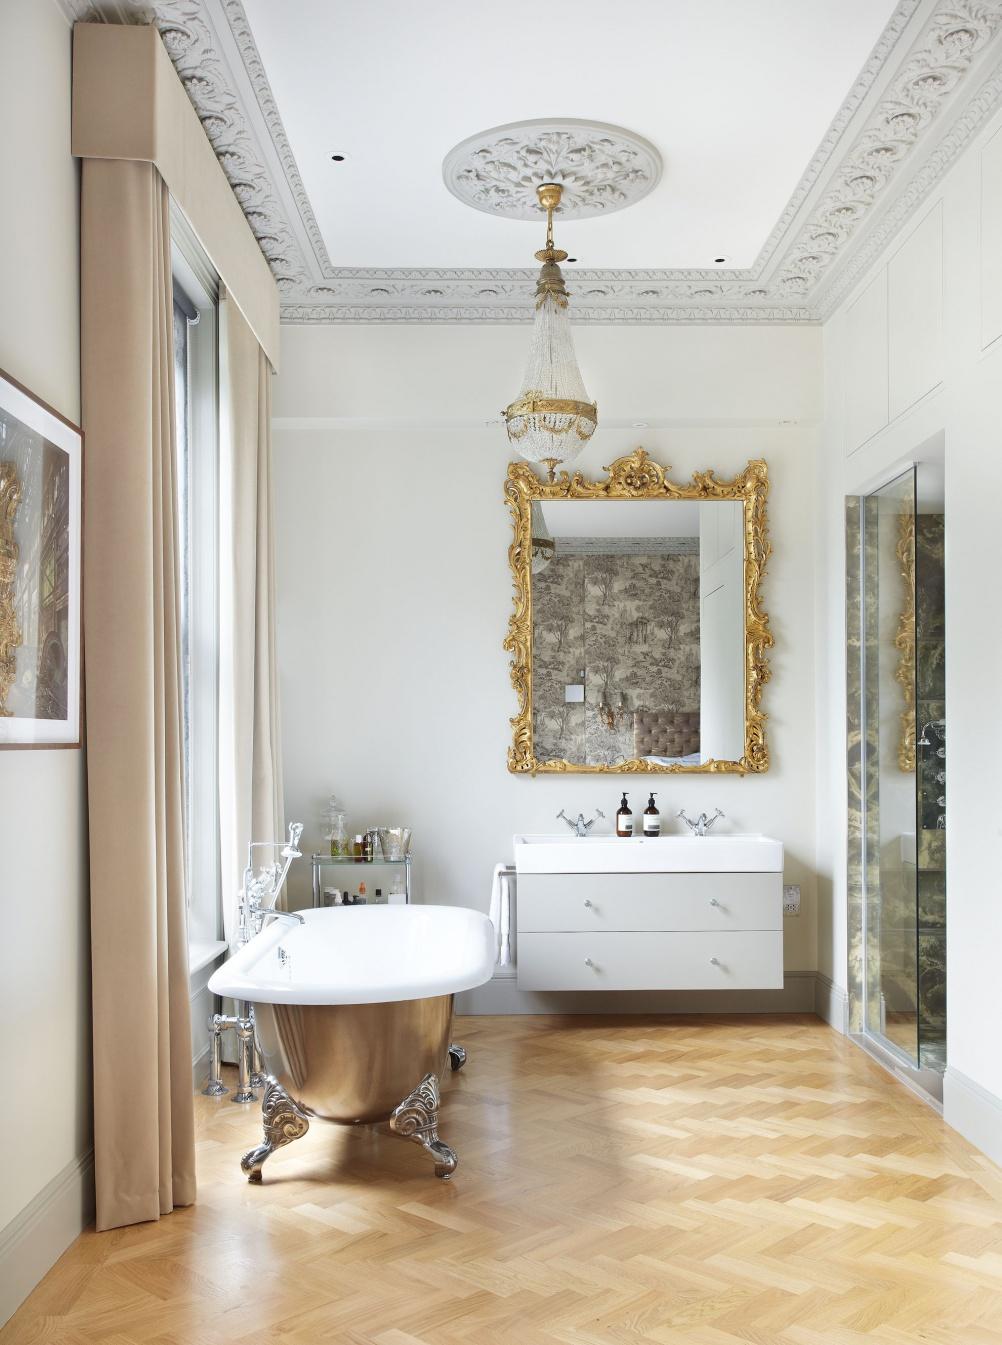 drummonds-spey-1002x1345  Inspiring luxury bathroom design ideas drummonds spey 1002x1345